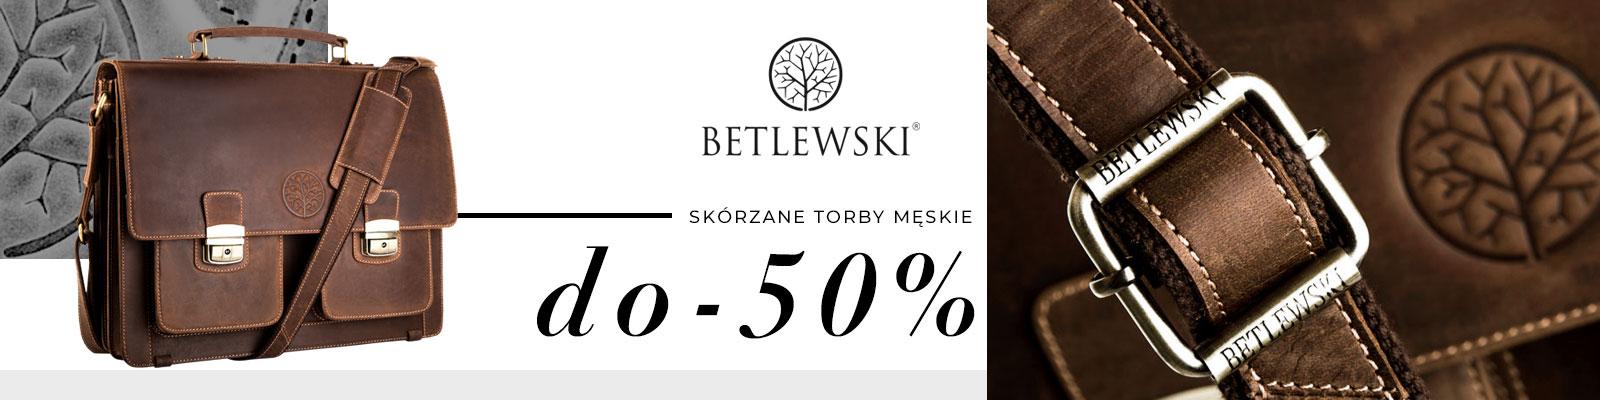 Betlewski - torby męskie